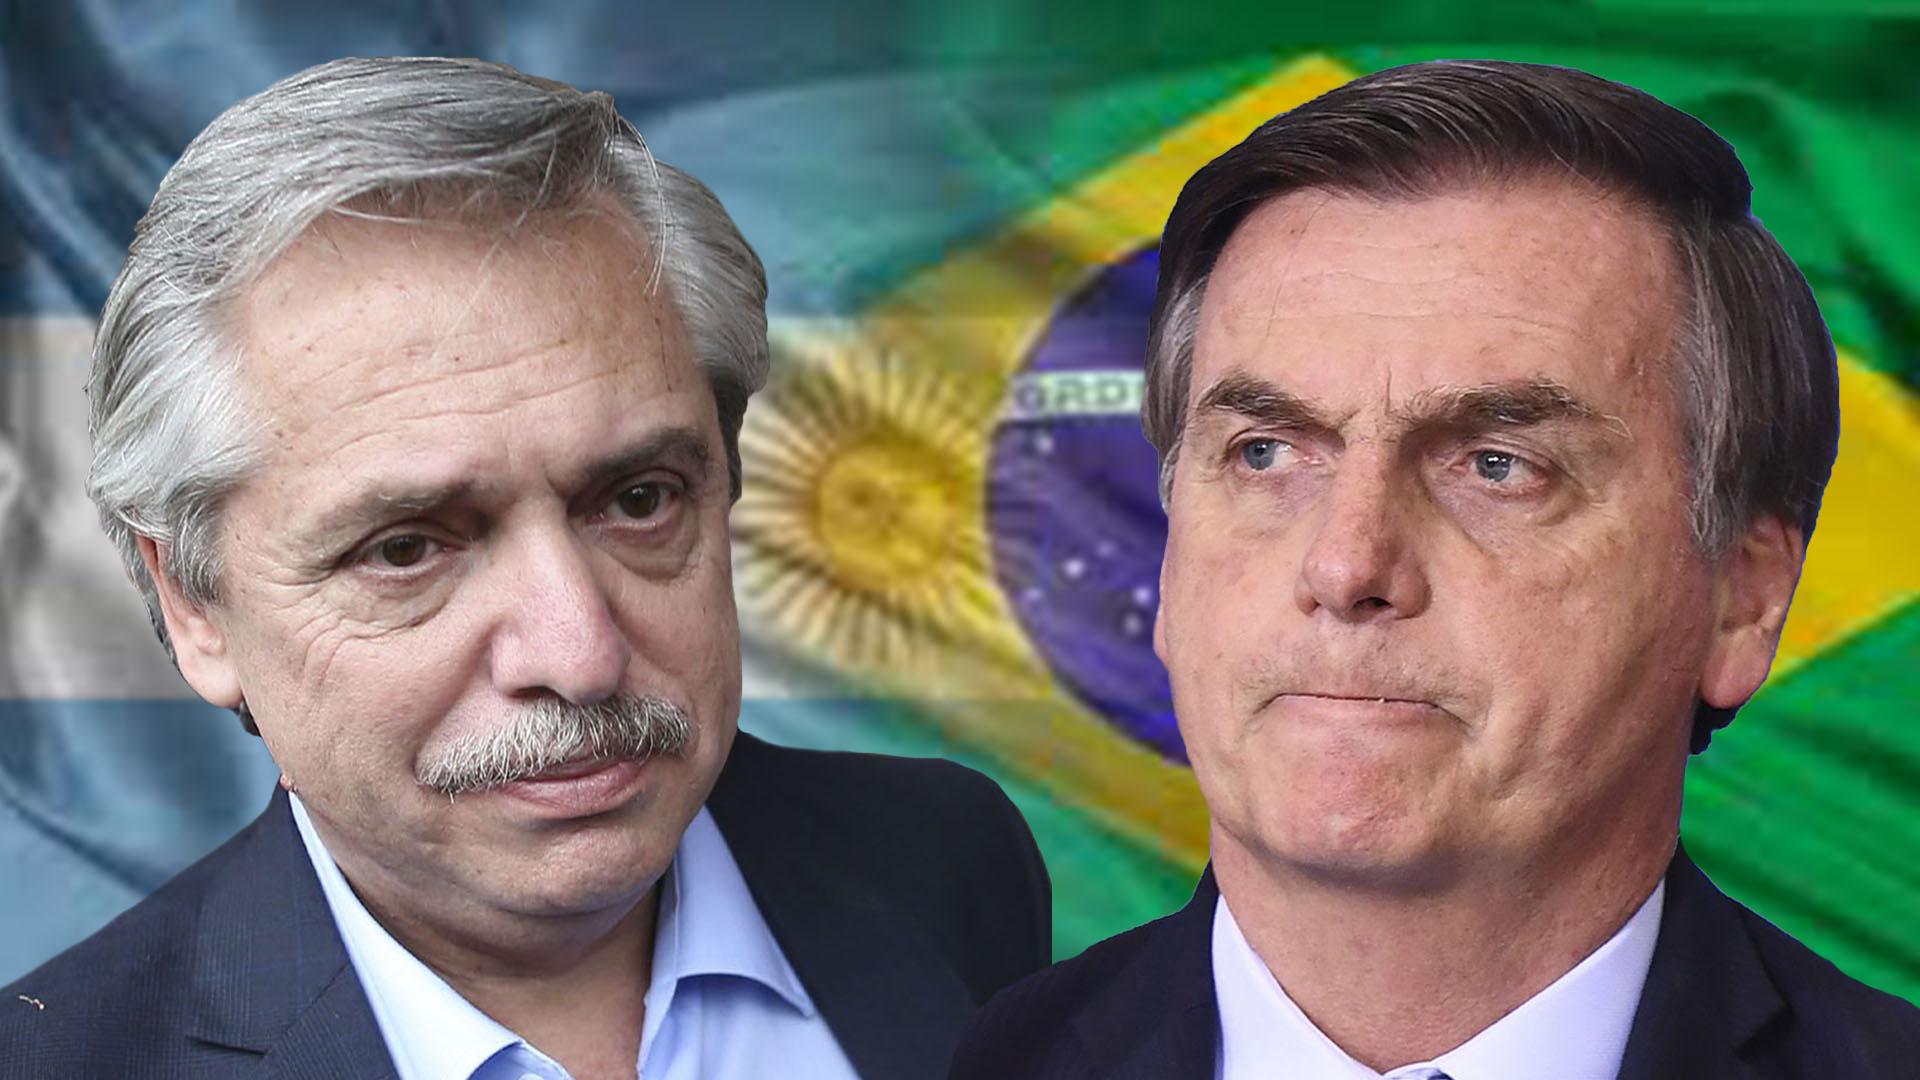 """Leve giro de Bolsonaro en su postura hacia Fernández: """"Argentina ..."""